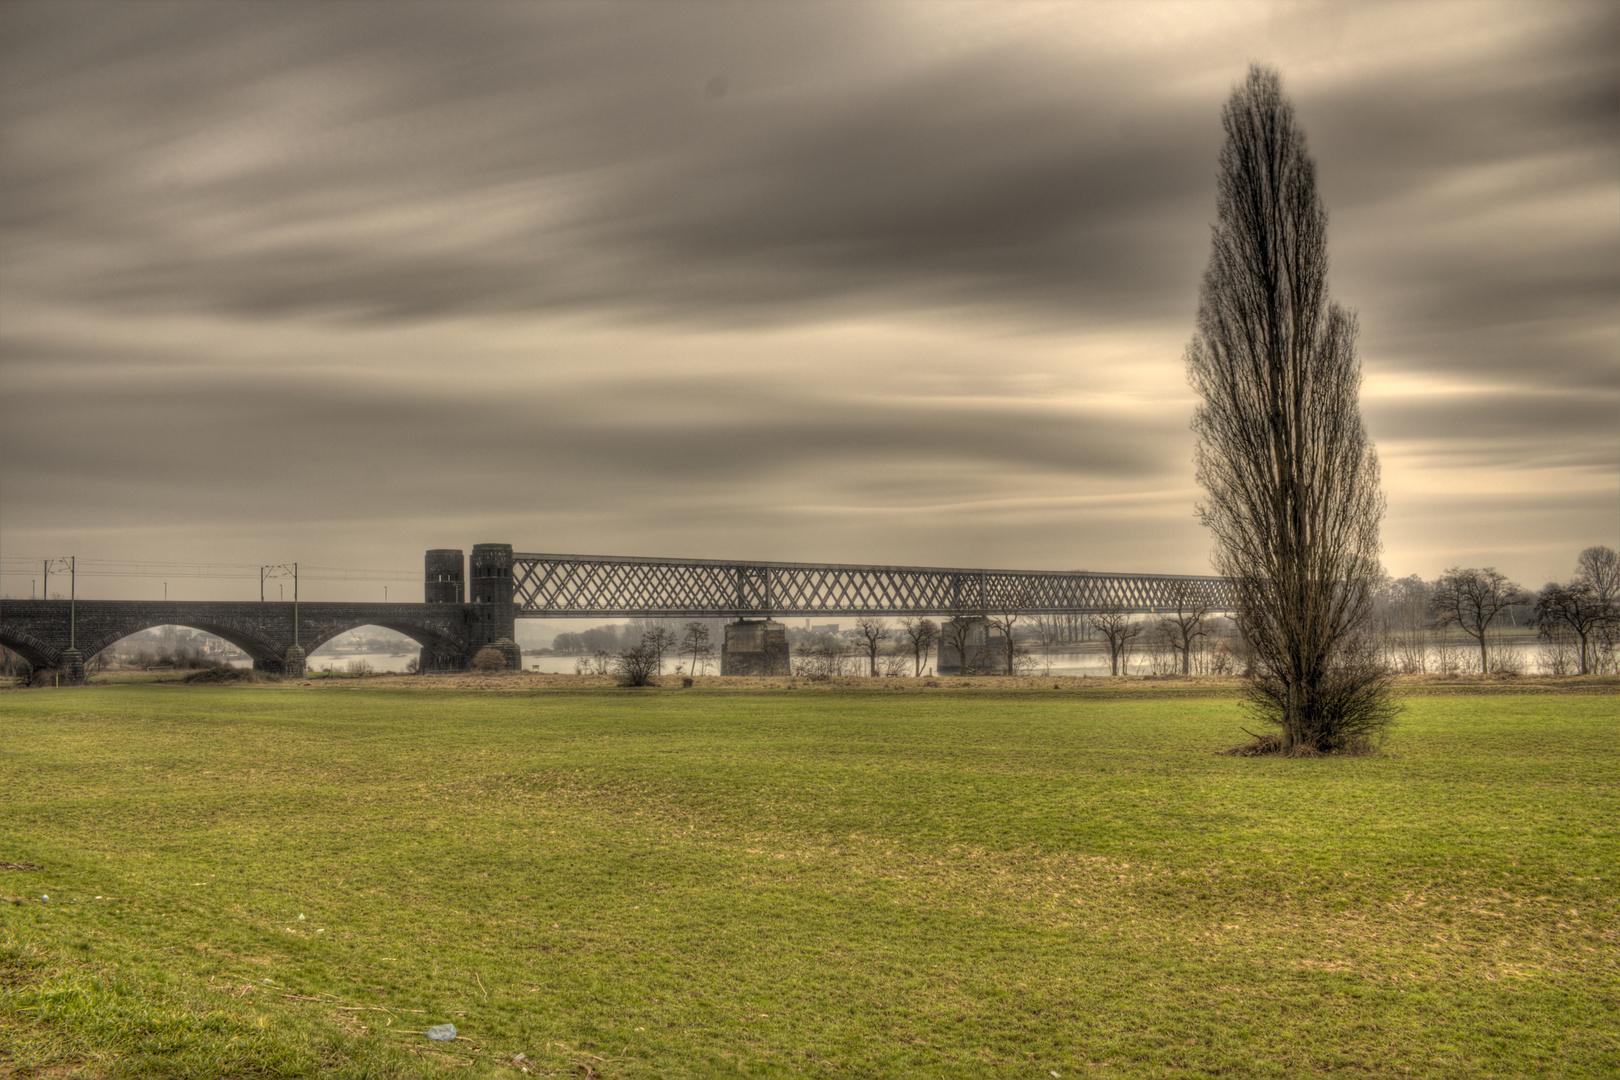 Engerserzugbrücke in düsterer Stimmung